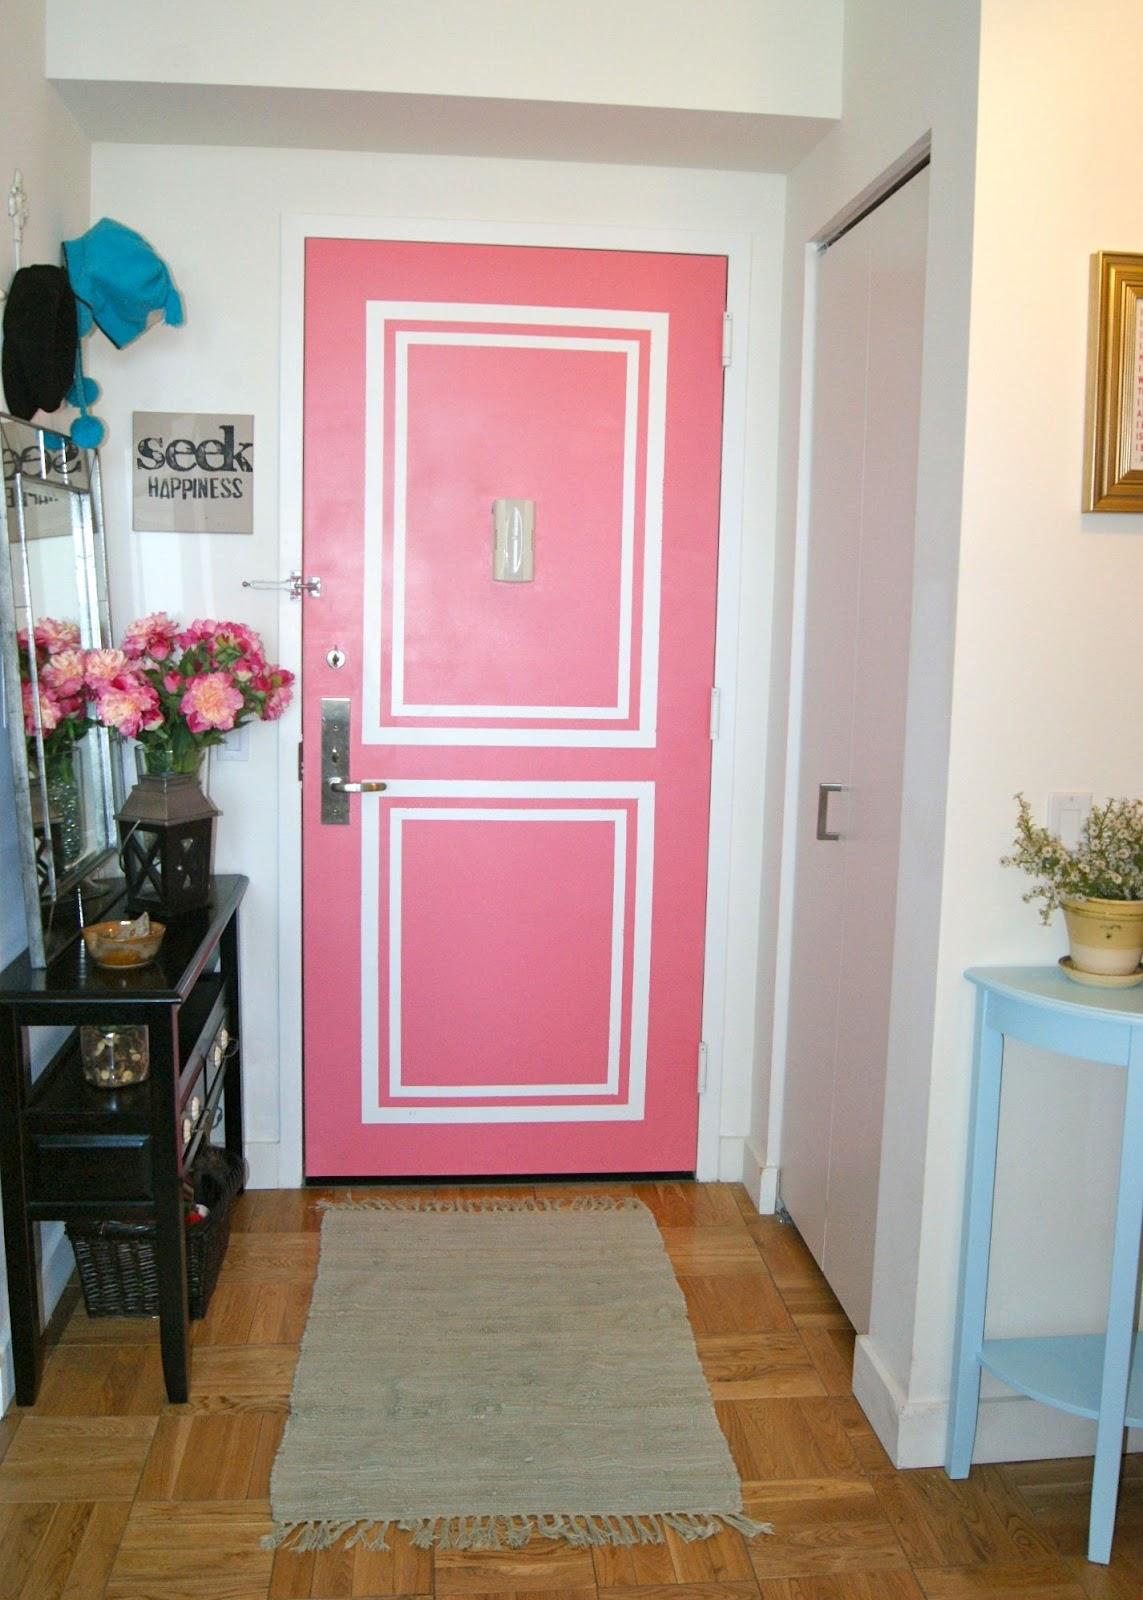 ведь химиотерапия как красить двери в какой цвет фото соцсети